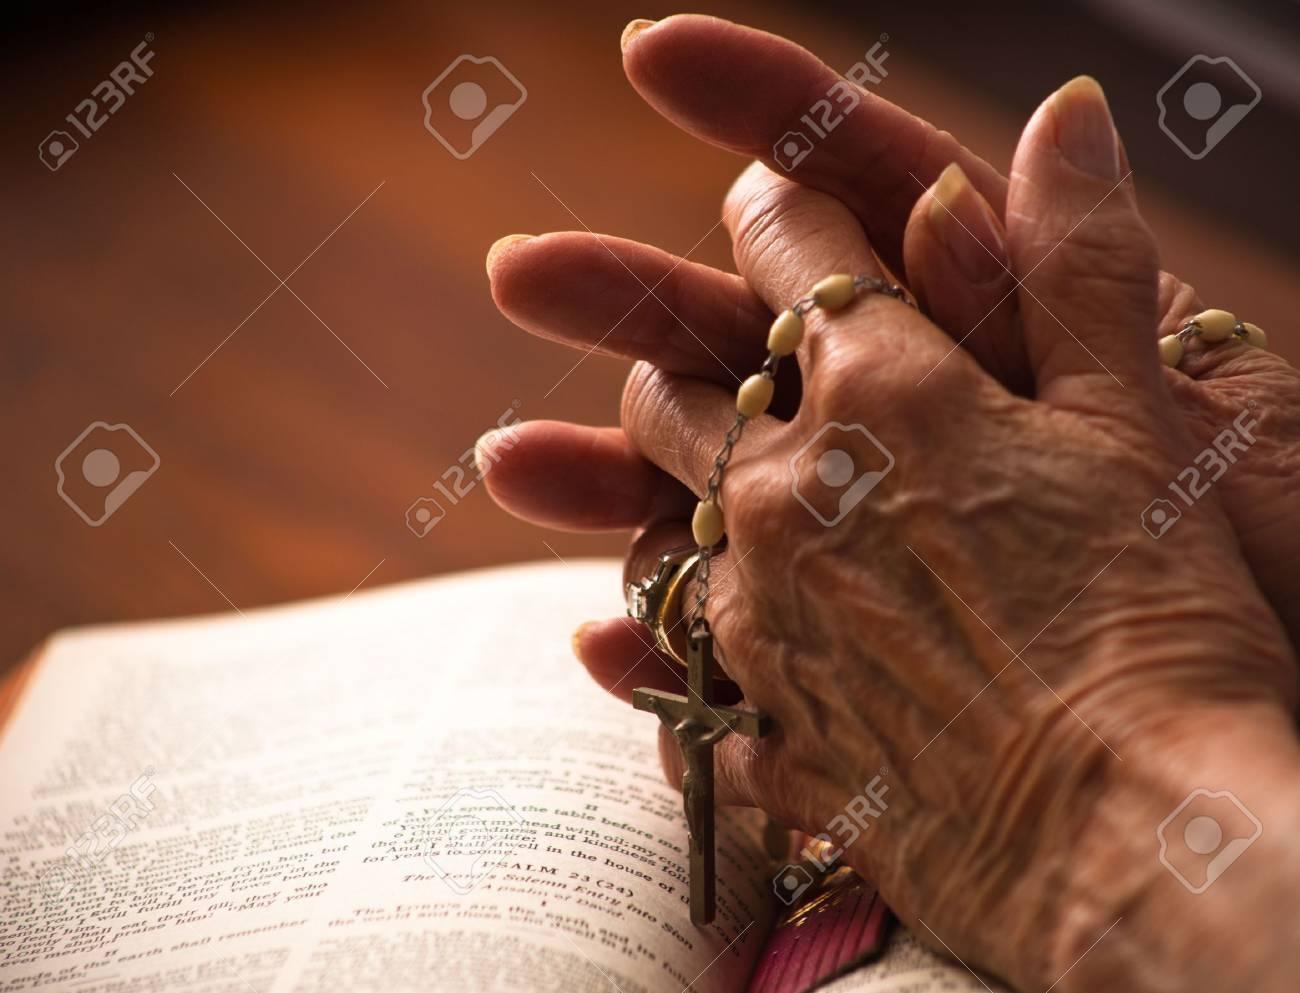 Un gros plan d'une main de womans supérieurs sur la bible avec un rosaire. Banque d'images - 6328190